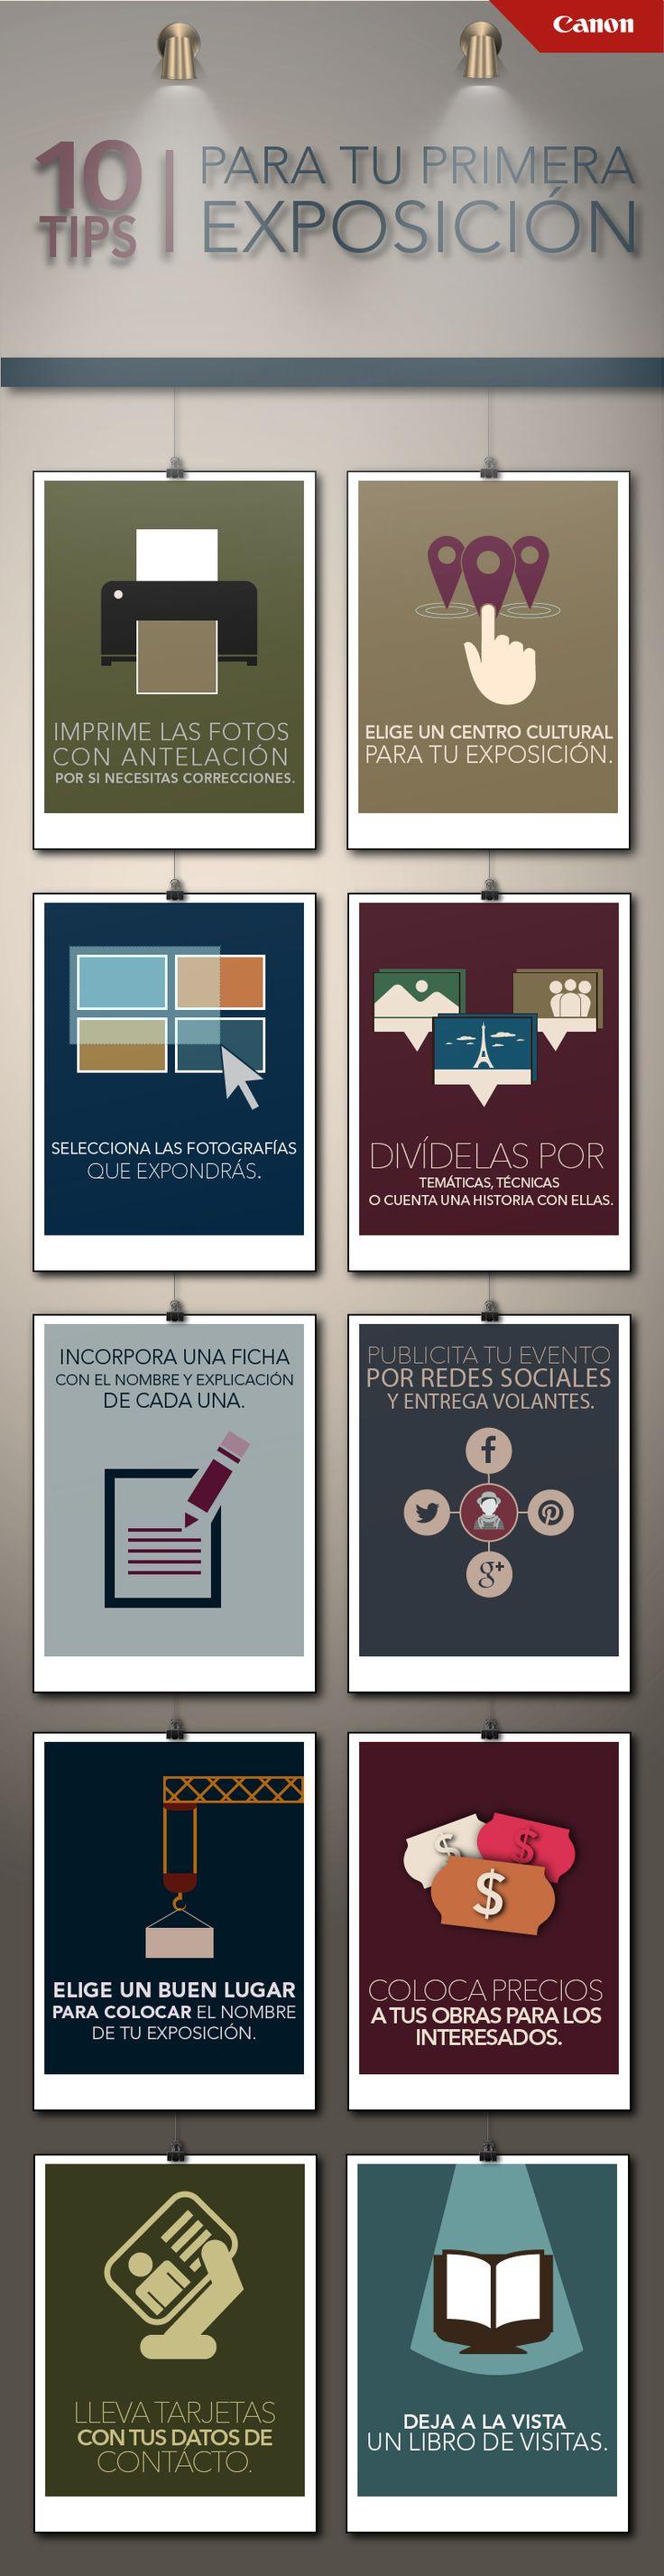 #Infografía #Tips #Exposiciones #Fotografías